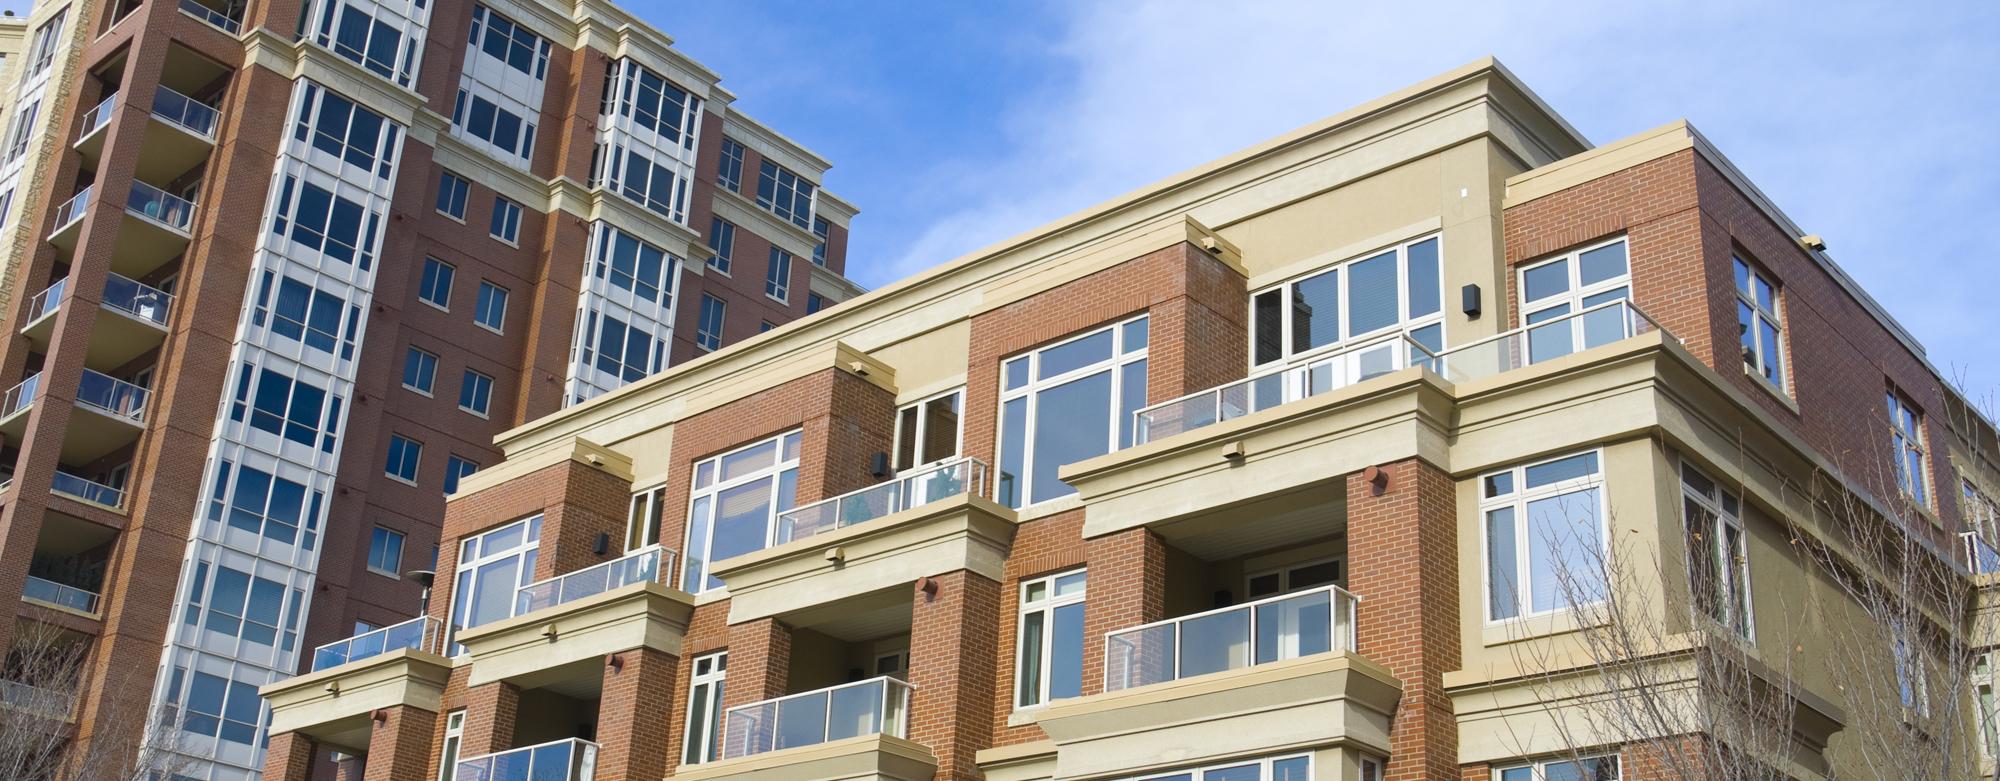 Clarifying Condominium Management Licensing Image